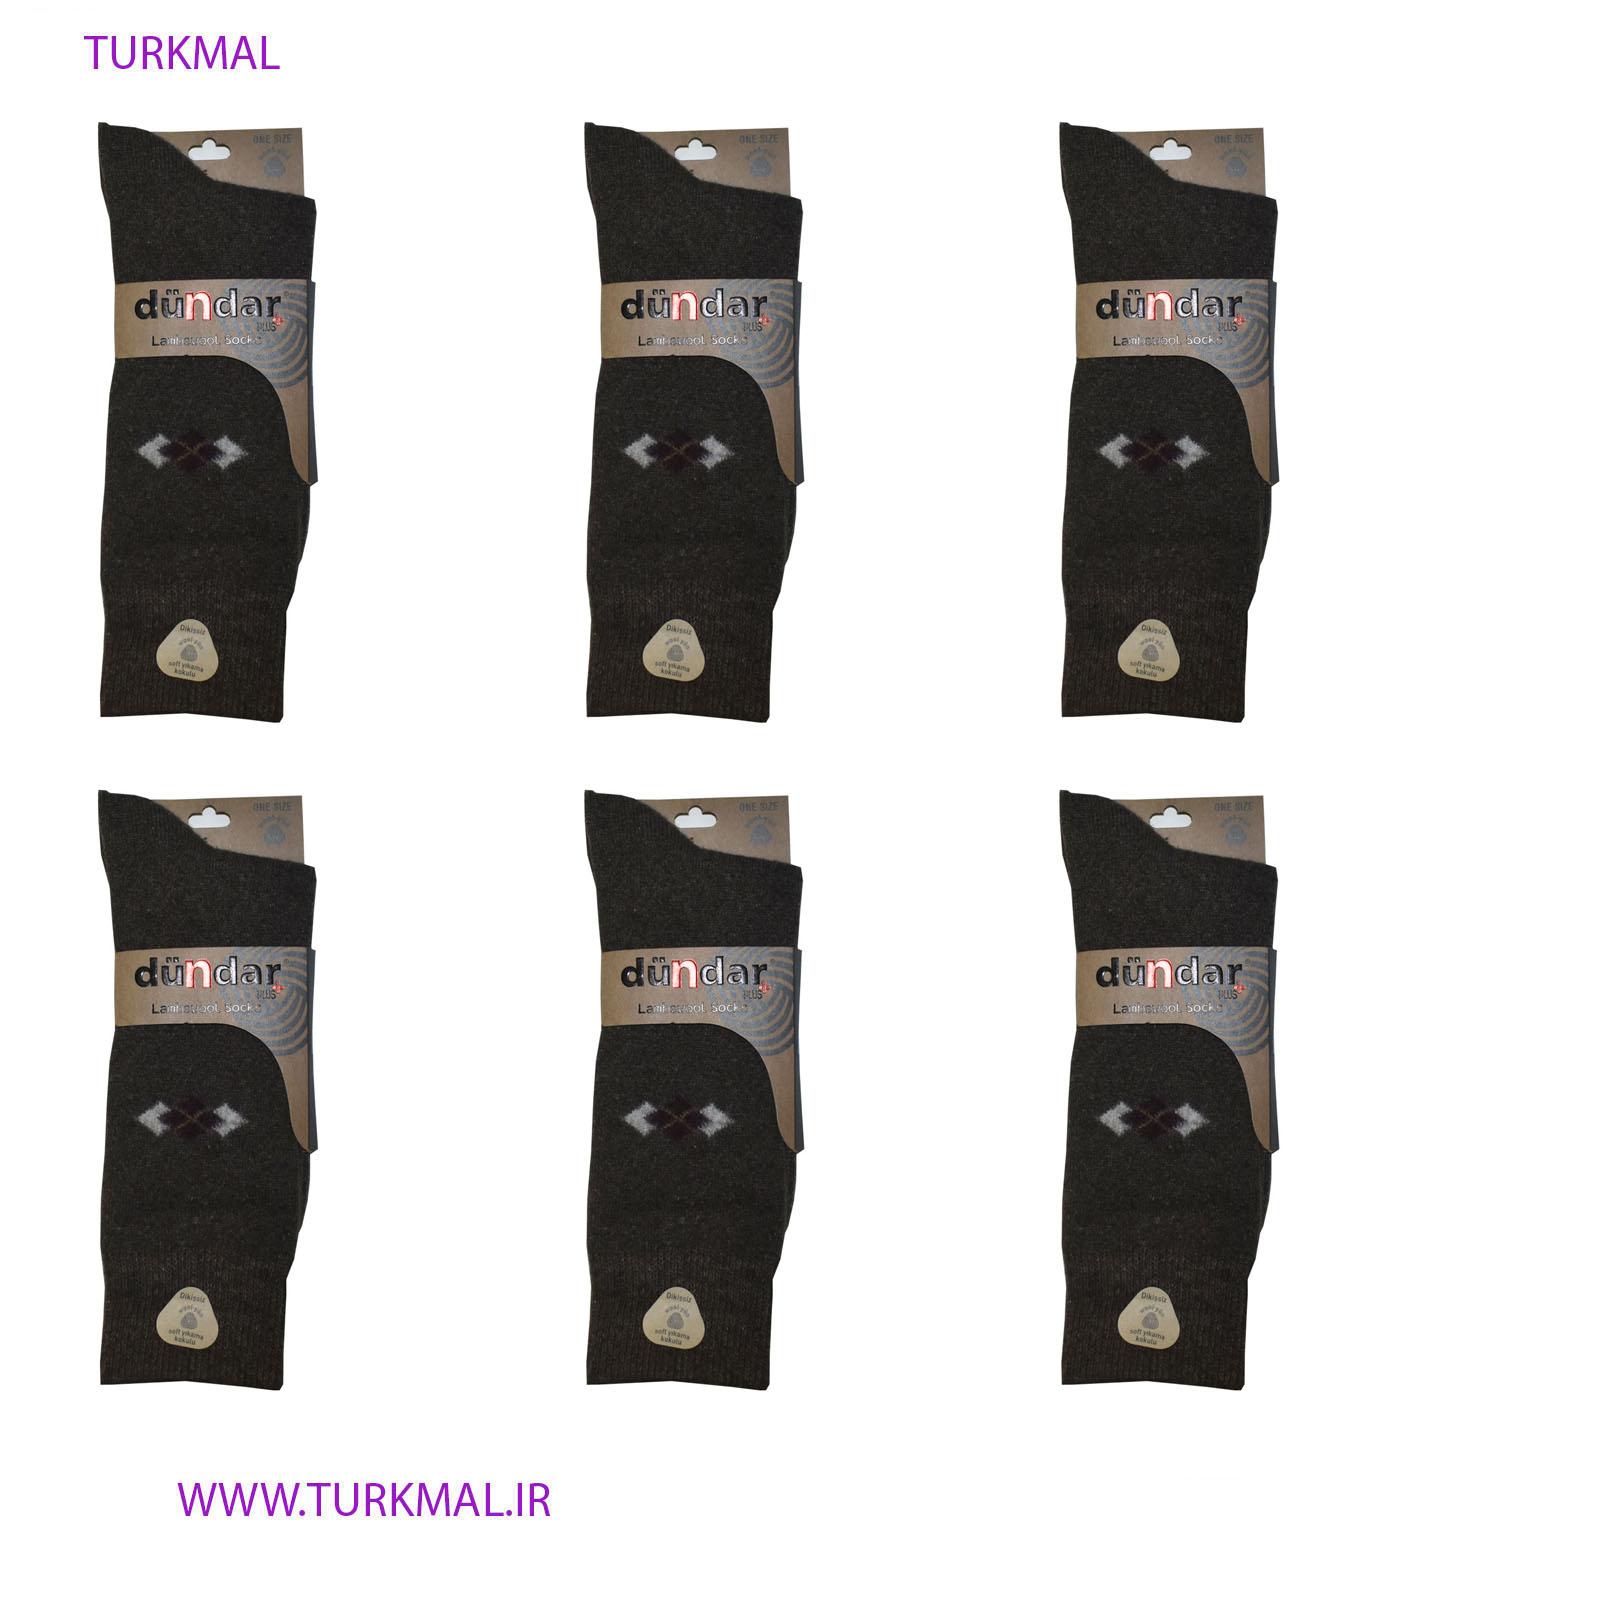 جوراب مردانه دوندار مدل پشمی بسته ۶ عددی